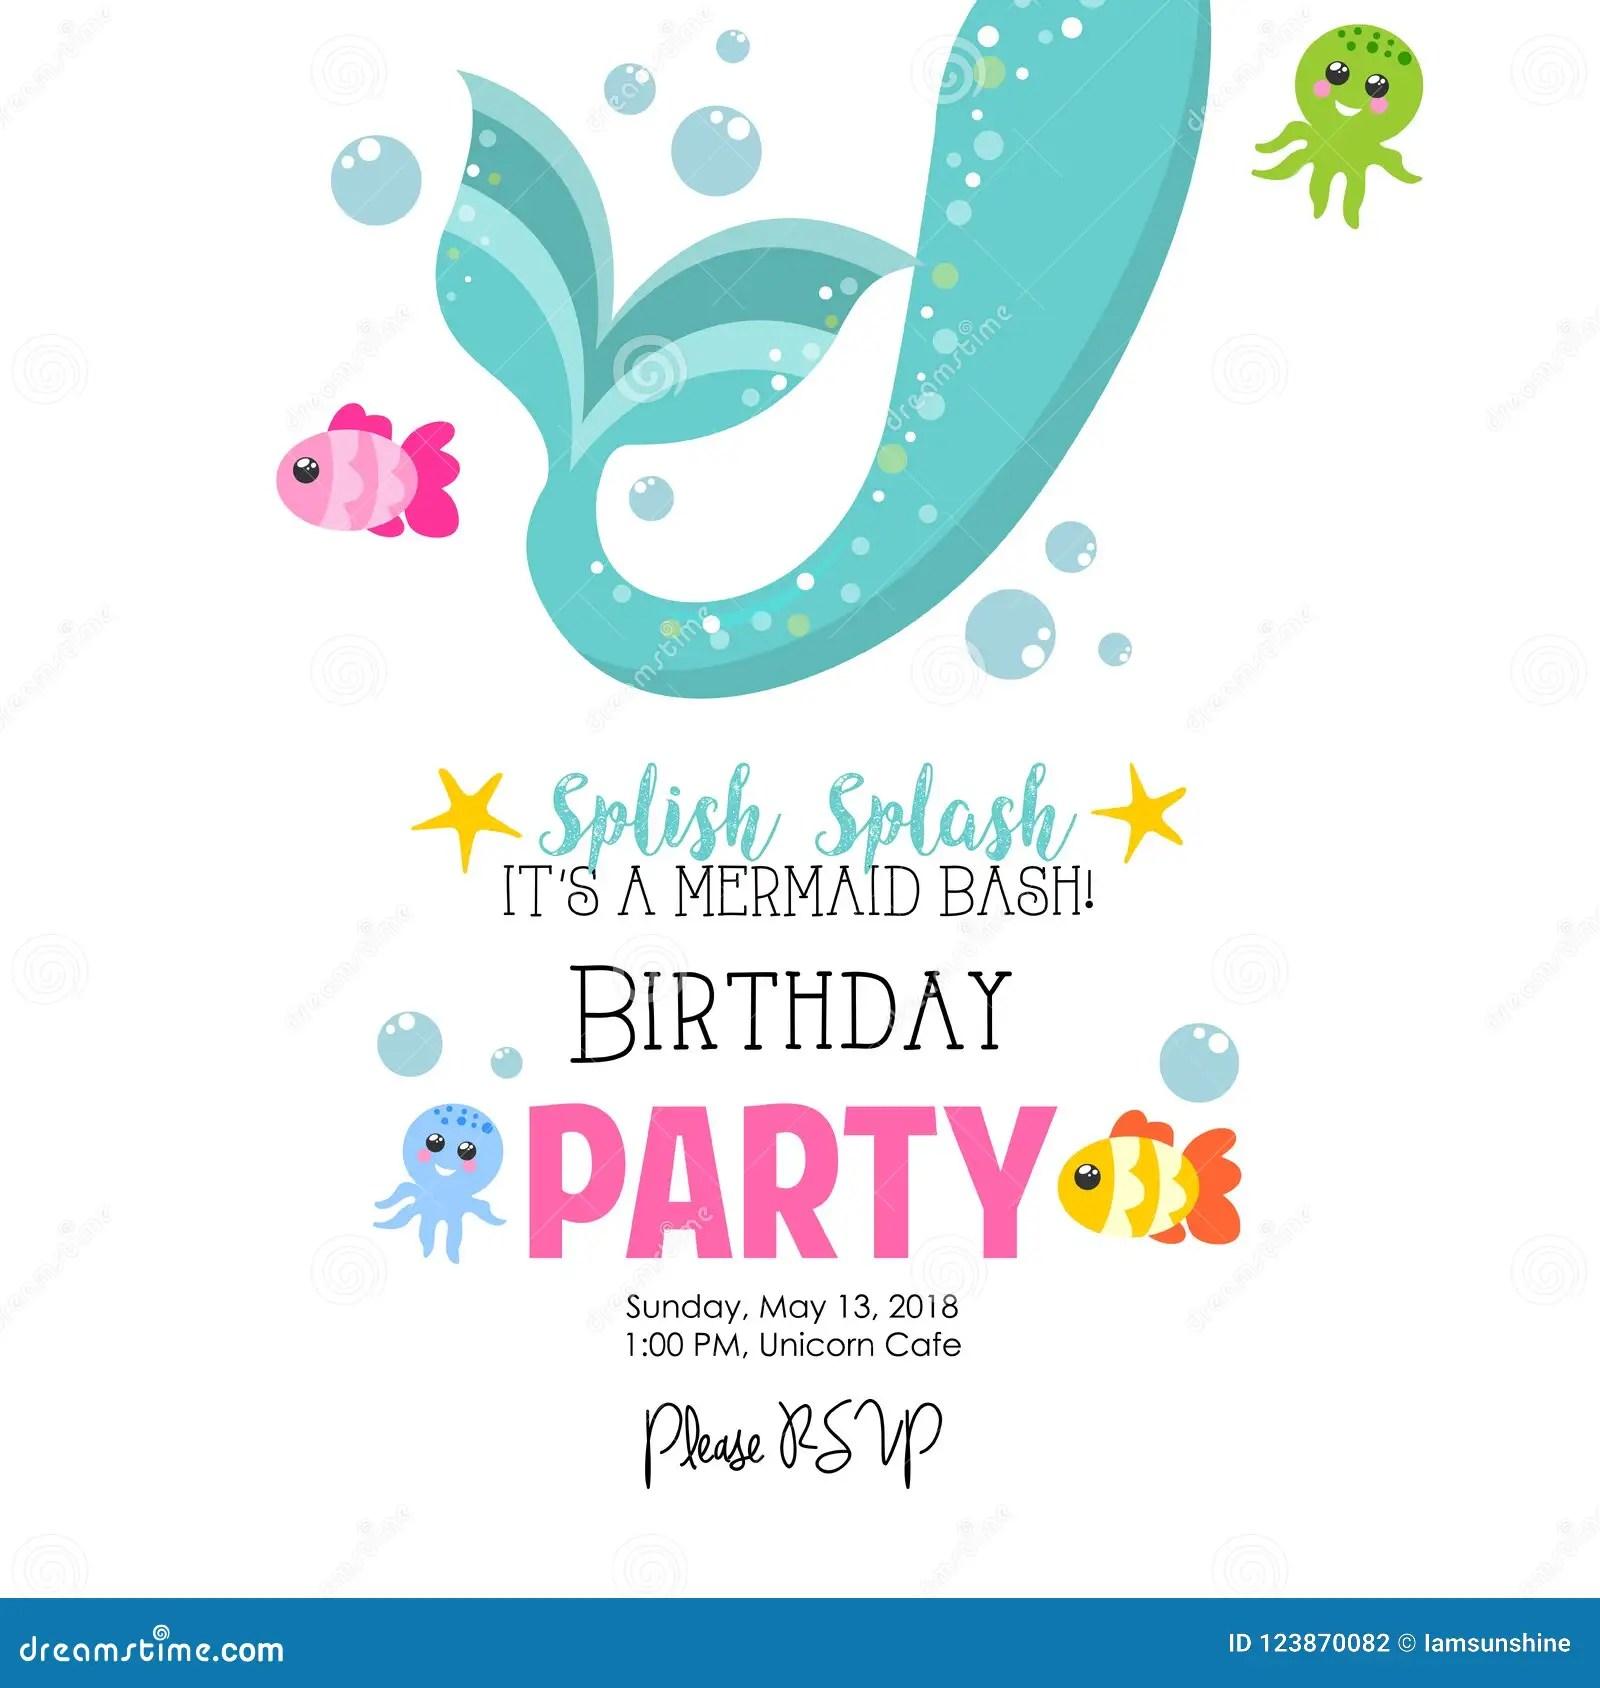 https www dreamstime com mermaid birthday party mermaid birthday party invitation party invite cute cartoon mermaid under sea image123870082